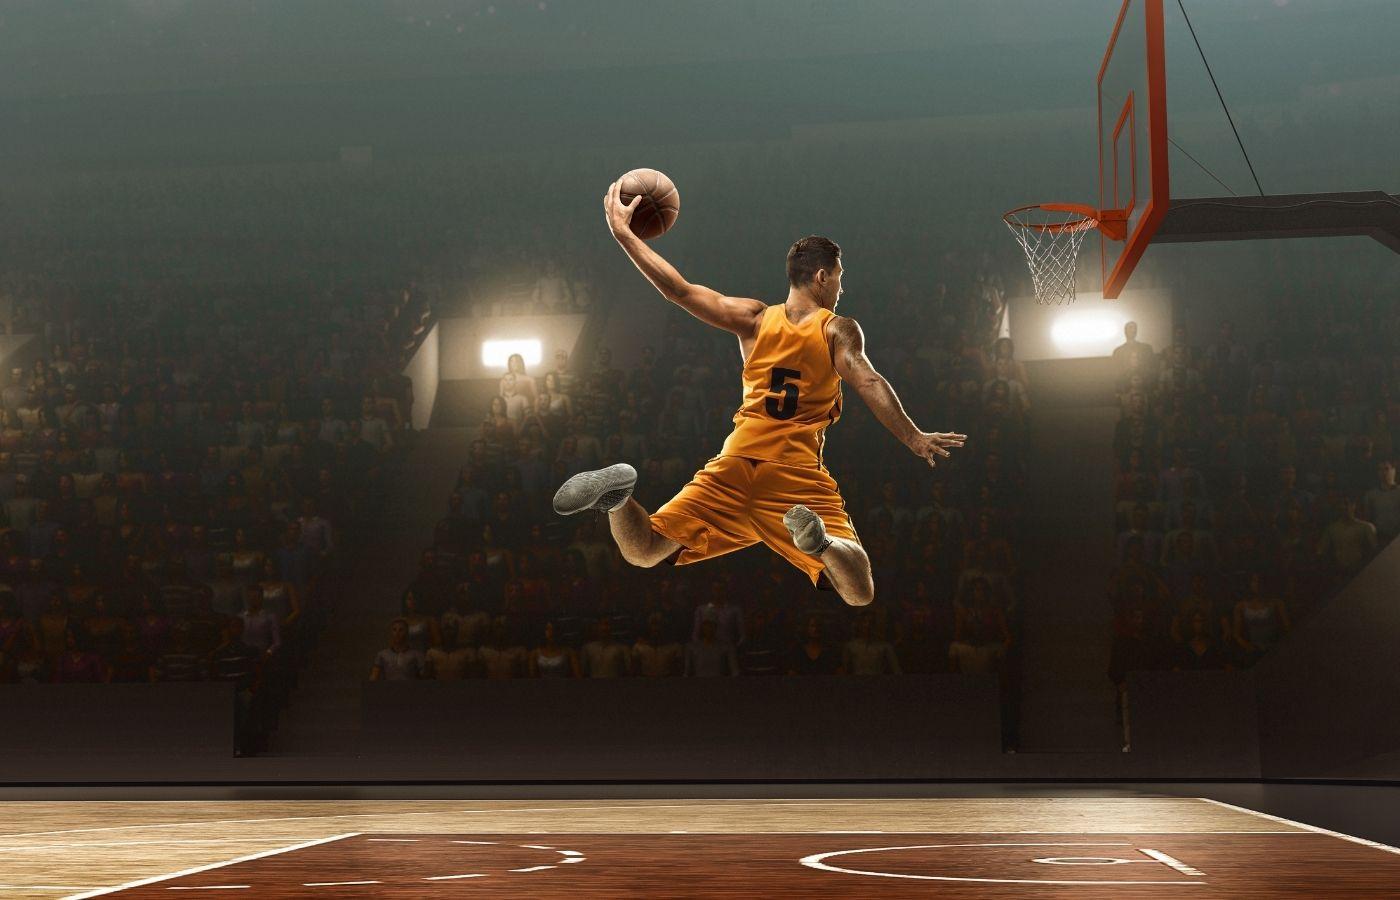 Zápas hvězd NBA jako neodolatelné lákadlo | Sportbiz